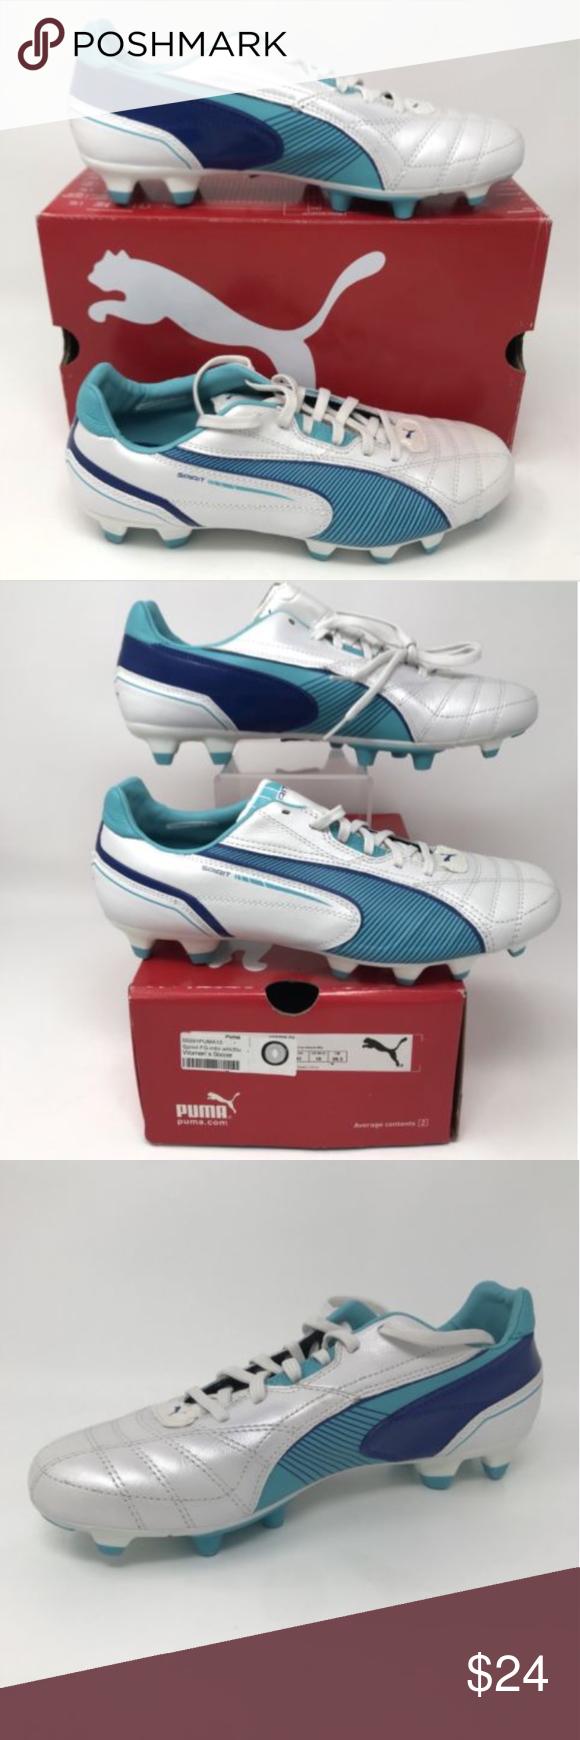 timeless design 495a3 28758 Size 10 · Puma 2009 Soccer Cleats Sprint FG Metallic Blue Puma Women s  Soccer Sprint FG Cleats 2009 US